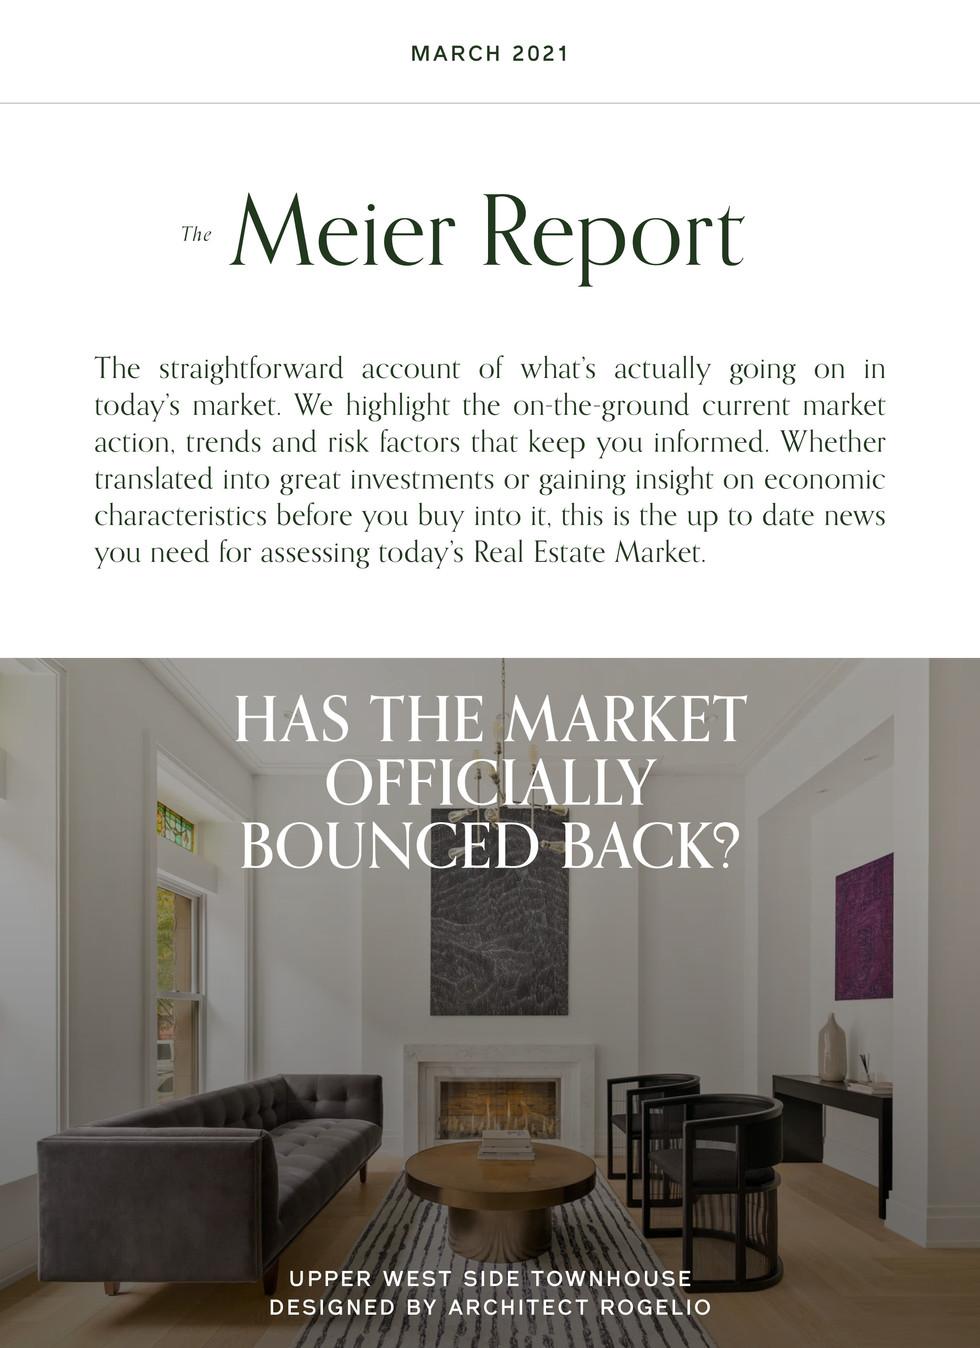 Meier_Report_0321_Hubspot.jpg